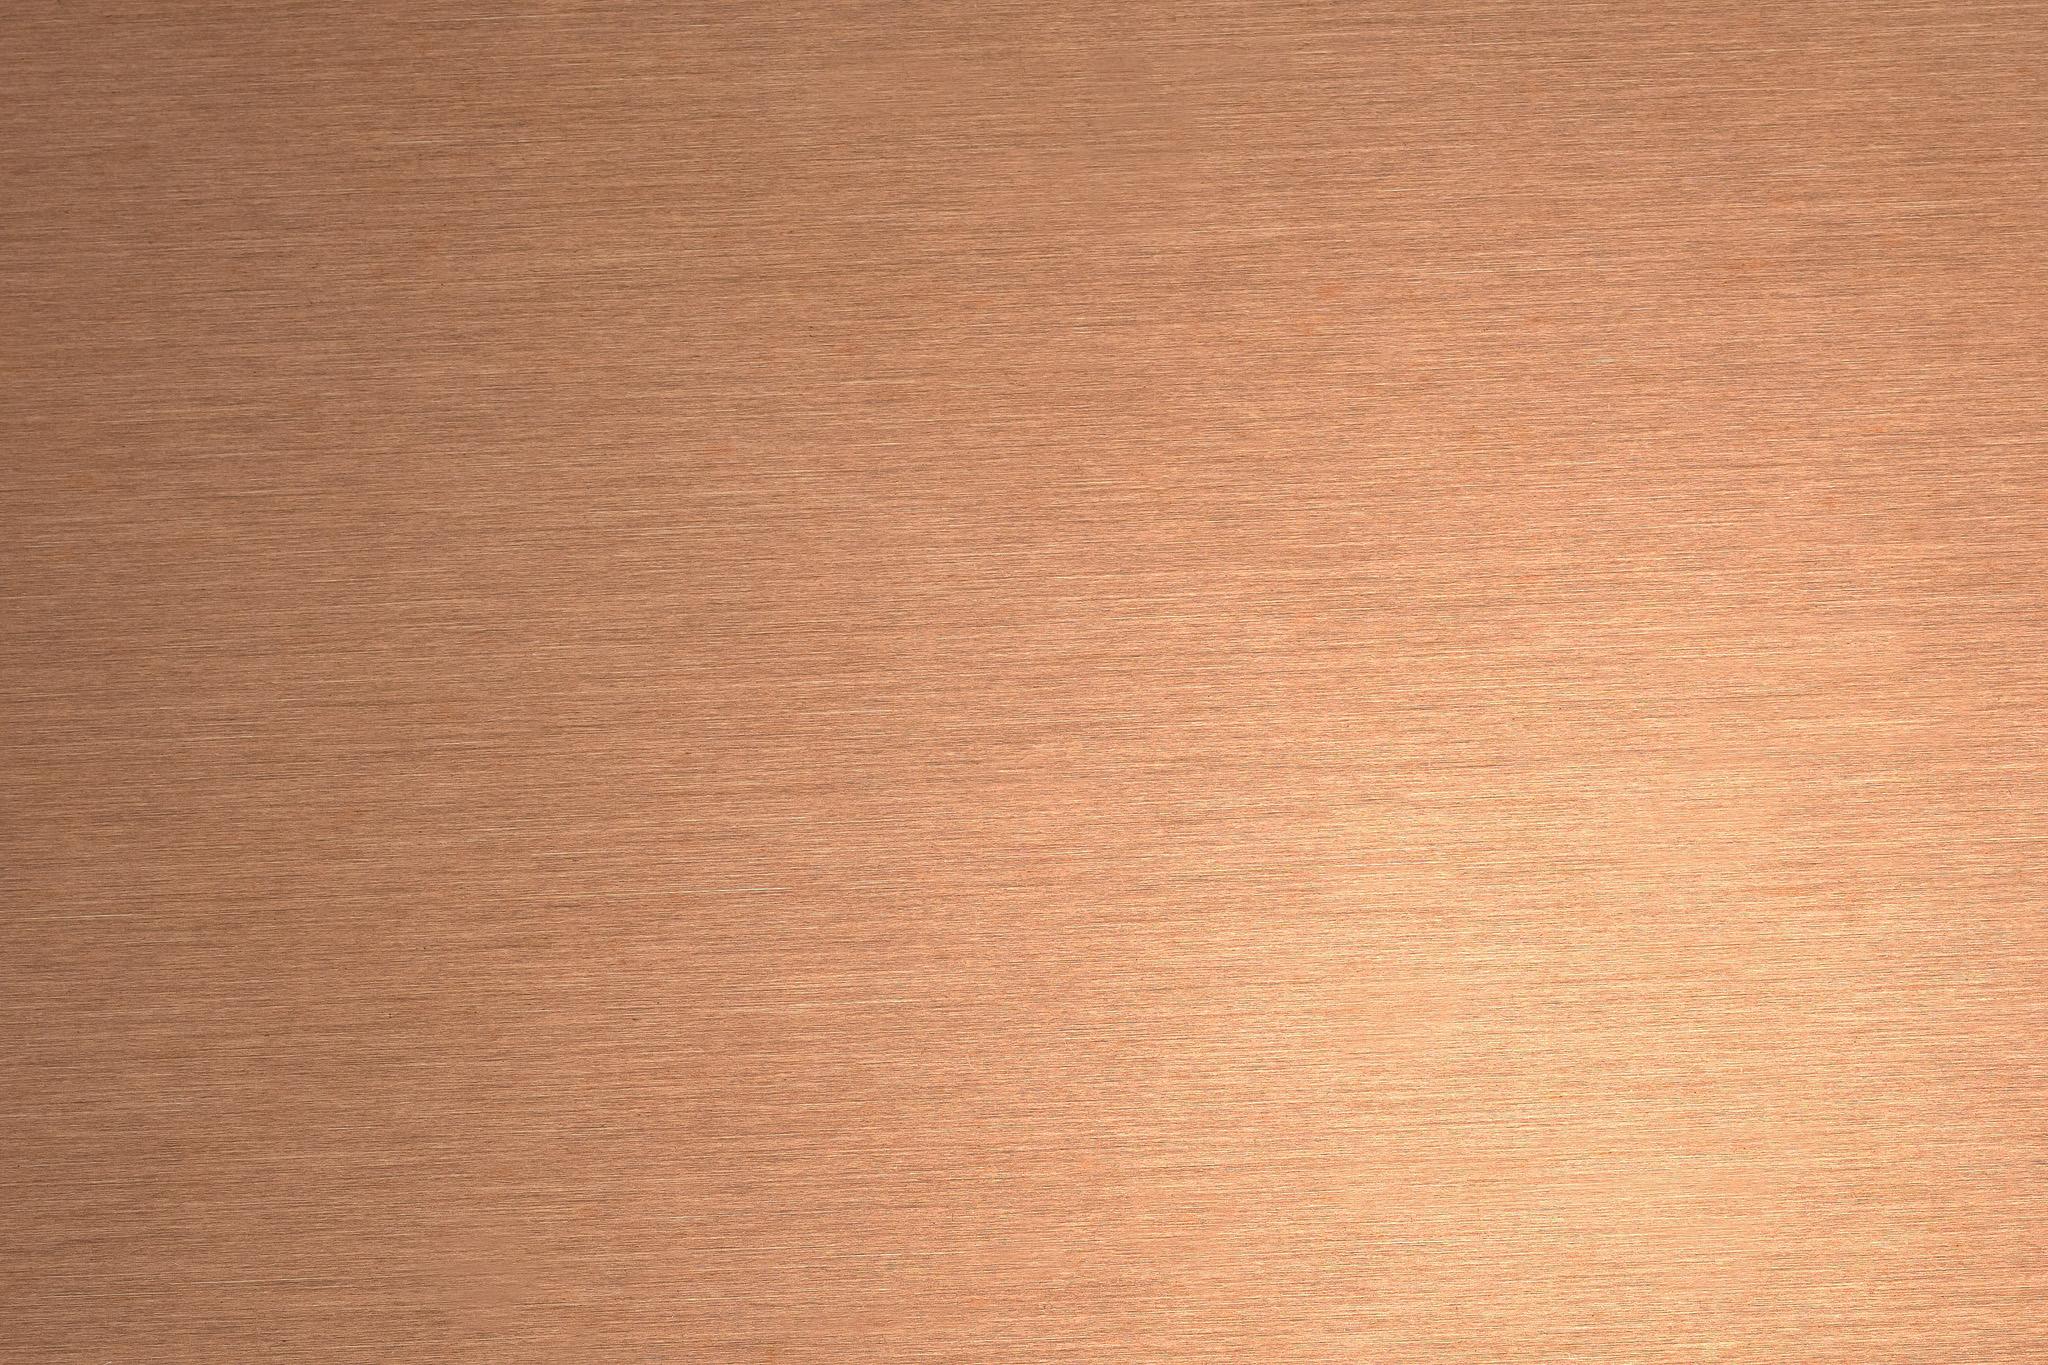 銅の細かなテクスチャ